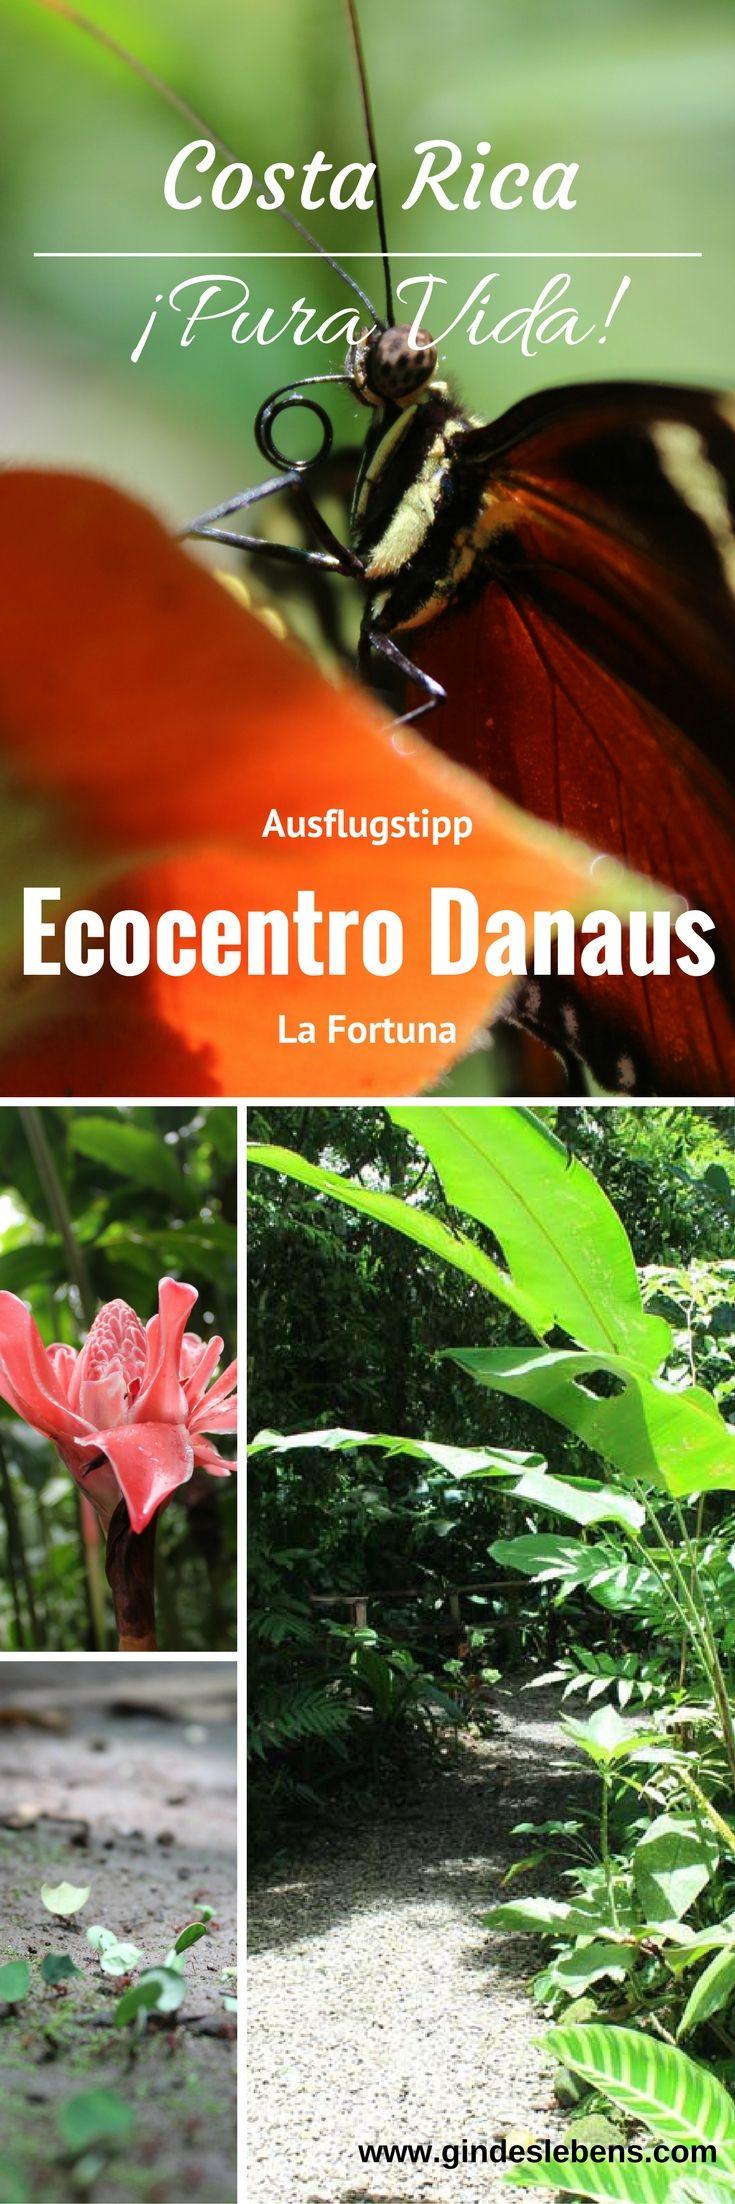 Ausflugstipp Ecocentro Danaus - Costa Rica Roadtrip Ausflüge in und um La Fortuna. Das Ecocentro Danaus ist ein privates Naturschutzgebiet in dem die Tiere jederzeit kommen und gehen können. Sie werden auch nicht gefüttert. Was natürlich viel besser ist als sie in Gefangenschaft zu halten und damit von ihrem instinktivem Verhalten zB. durch Füttern abzuhalten. Es gibt geführte Touren, aber das Naturschutzgebiet kann auch auf eigene Faust erkundet werden. Wenn man genau schaut, findet man…